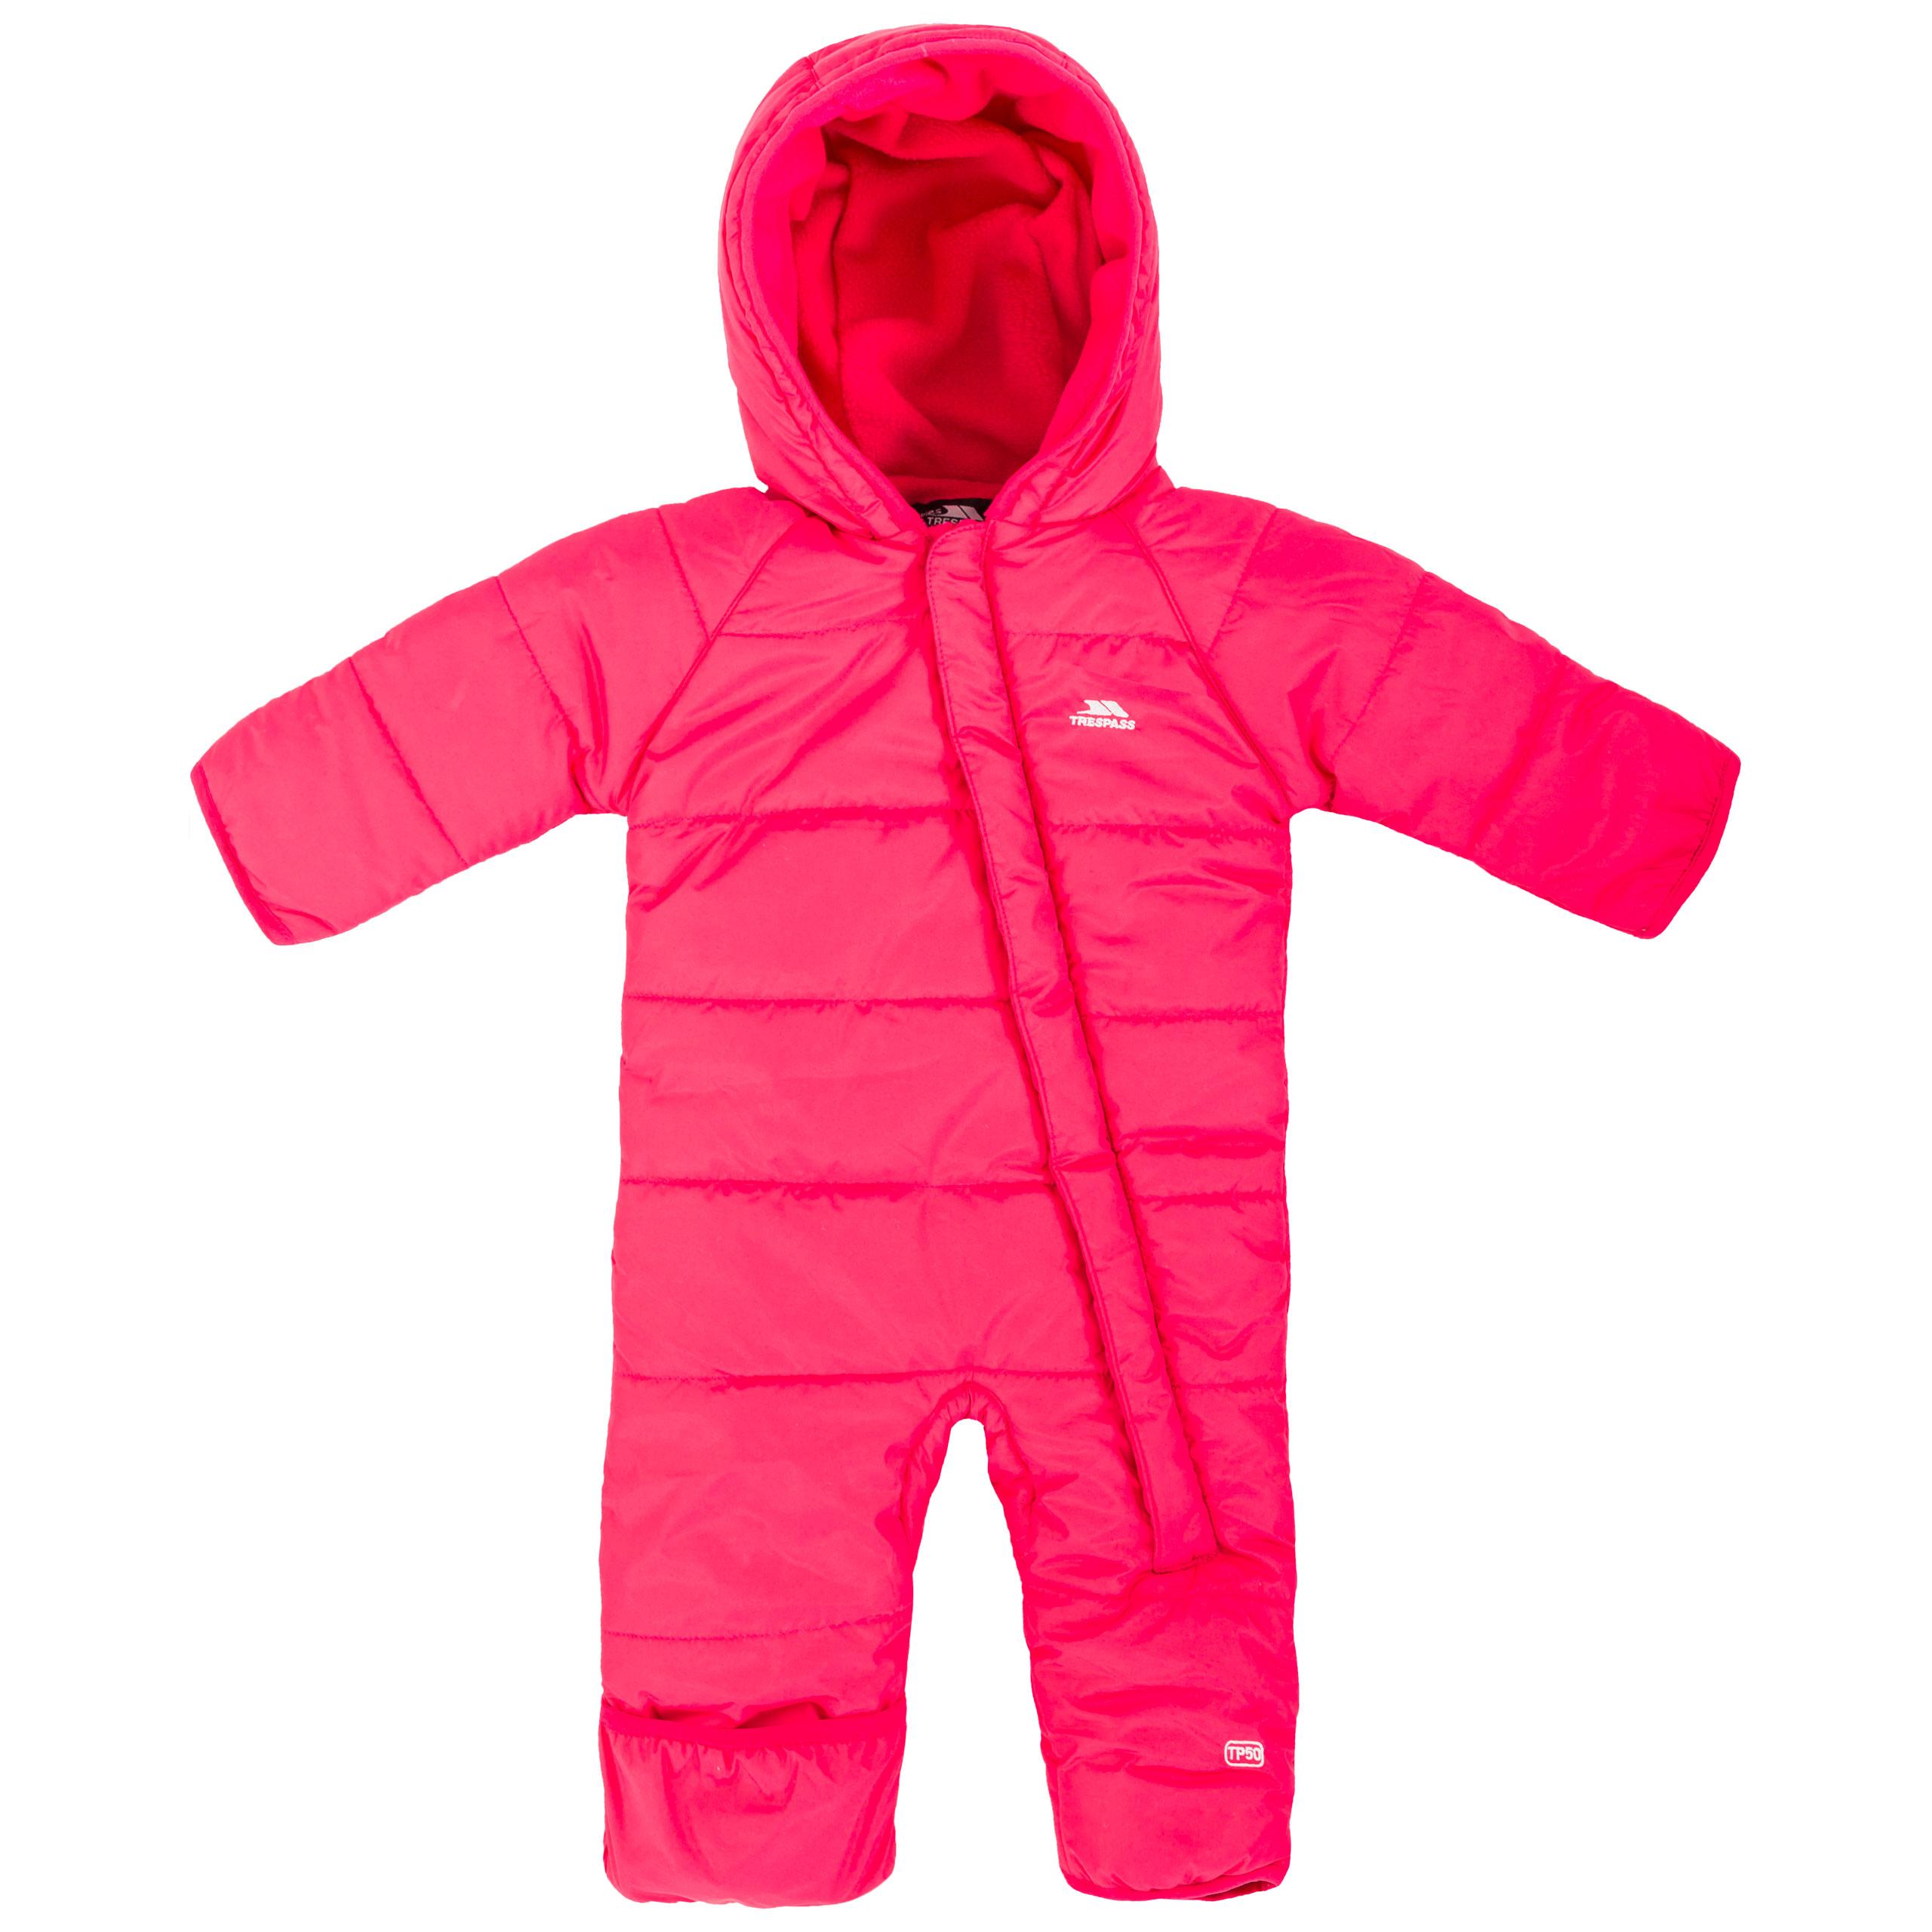 913e12ffc27d TRESPASS amcotte bébé d  hiver à Capuche Combinaison de ski Matelassé  Garçons Filles pramsuit